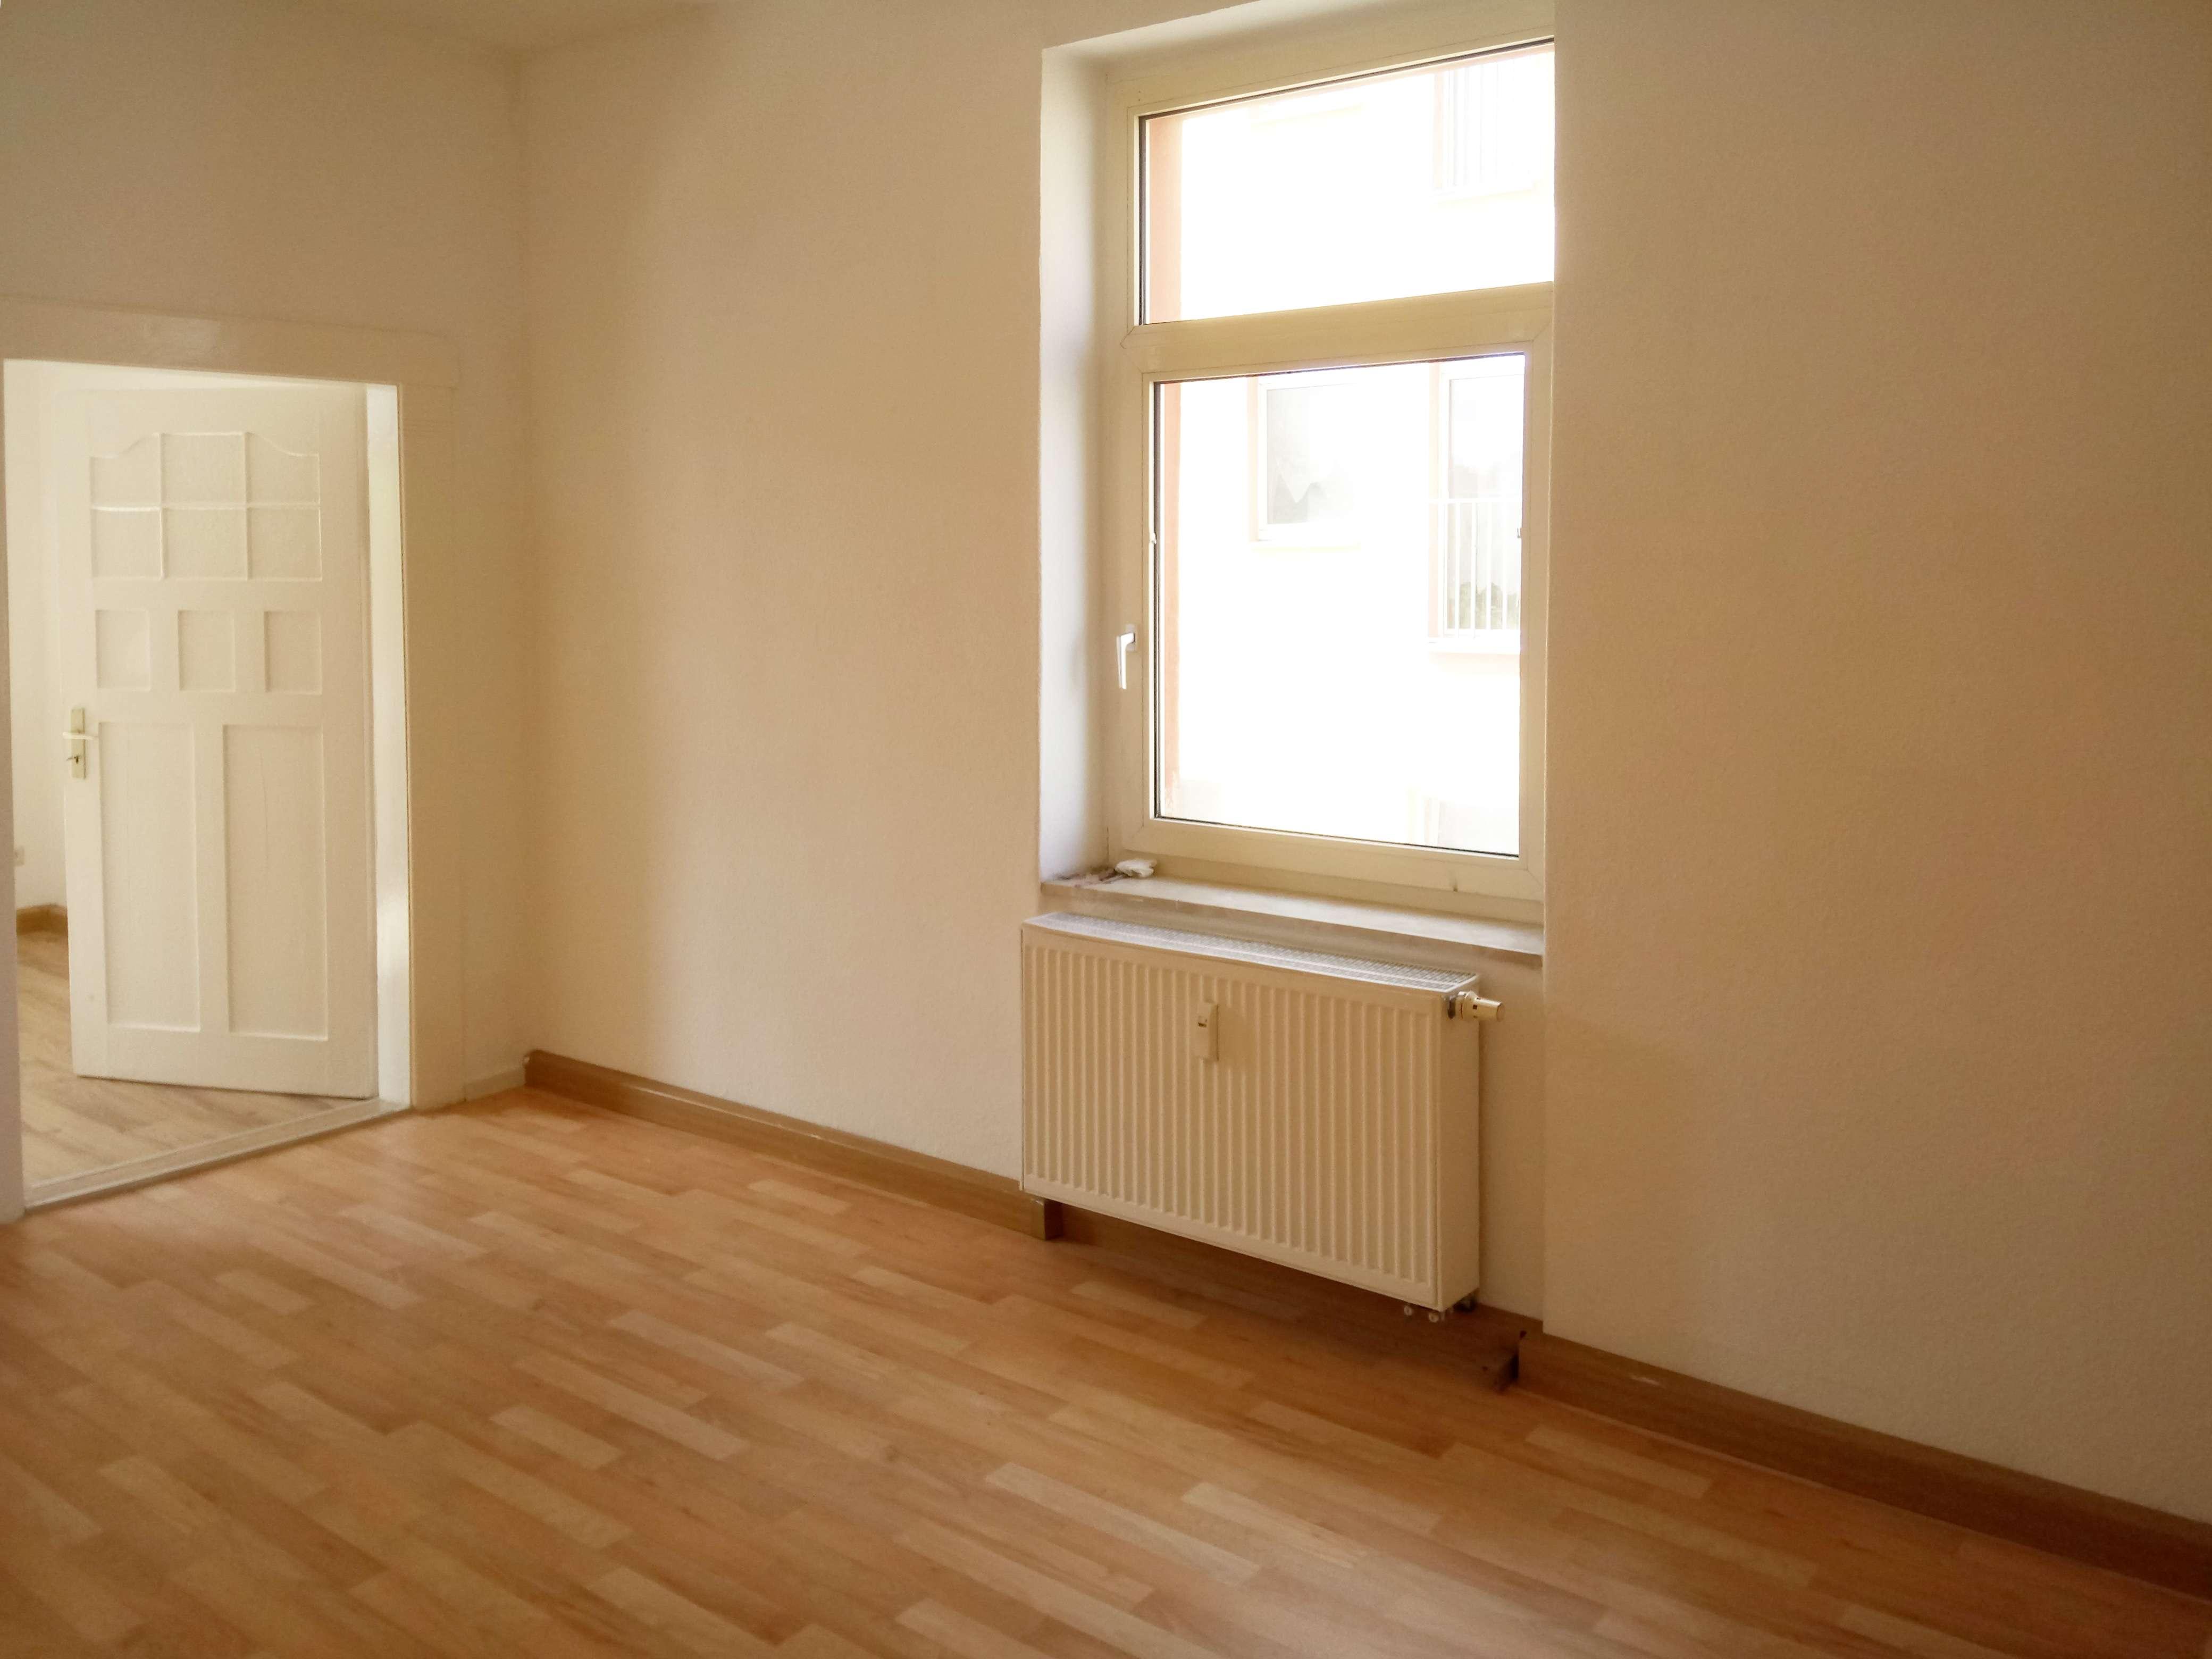 Tolle Wohnung im Altbau, zentral in Hof in